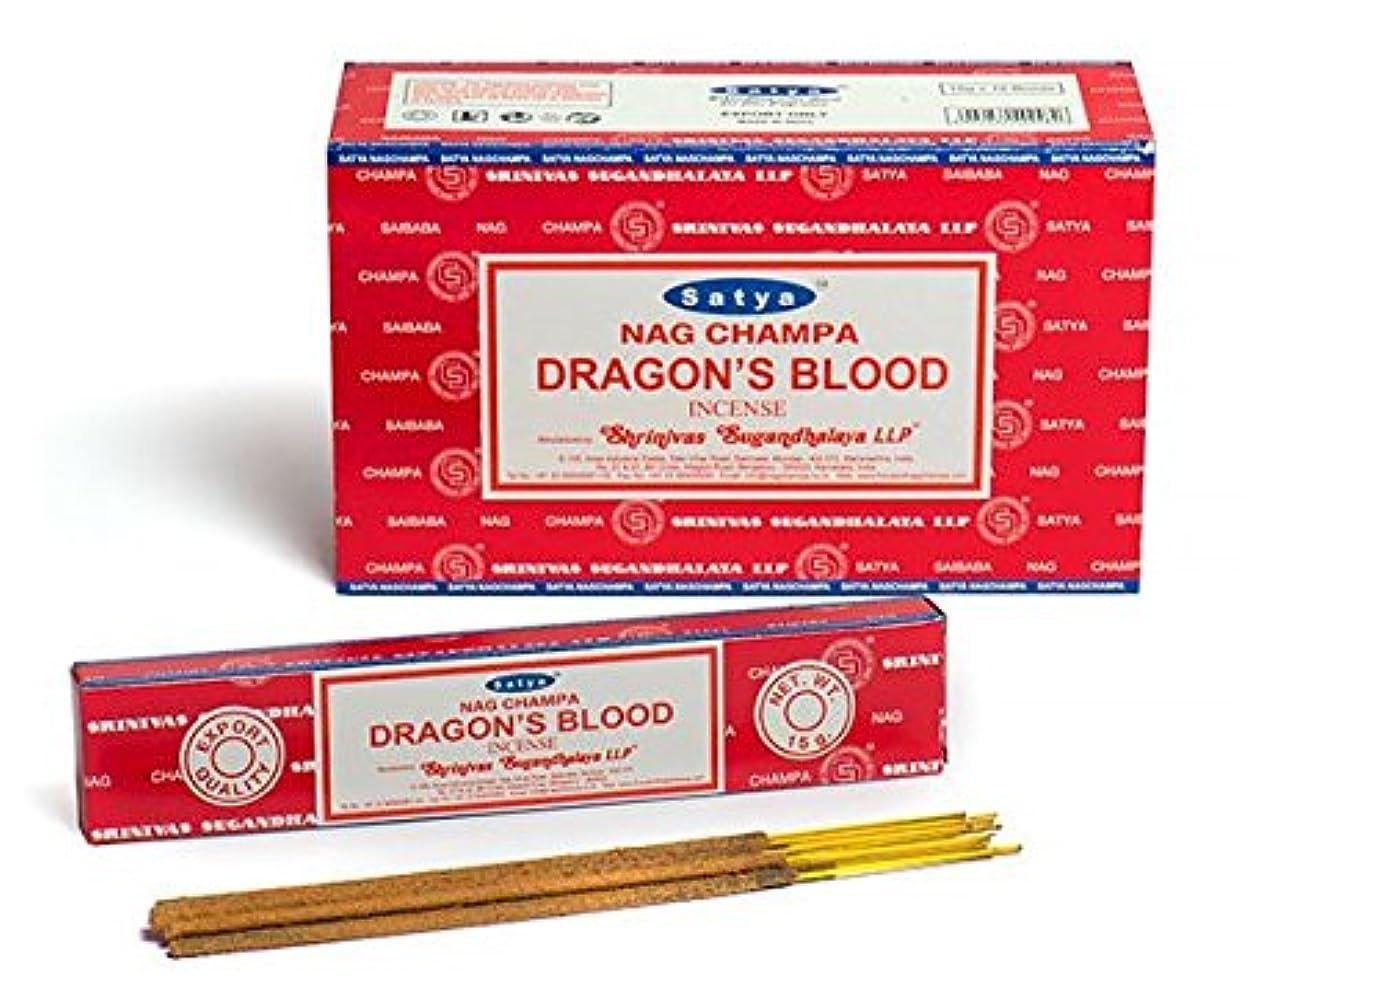 ベイビー露出度の高い遠いSatya Nag Champa Dragon's Blood お香スティック Agarbatti 180グラムボックス | 15グラム入り12パック 箱入り | 輸出品質